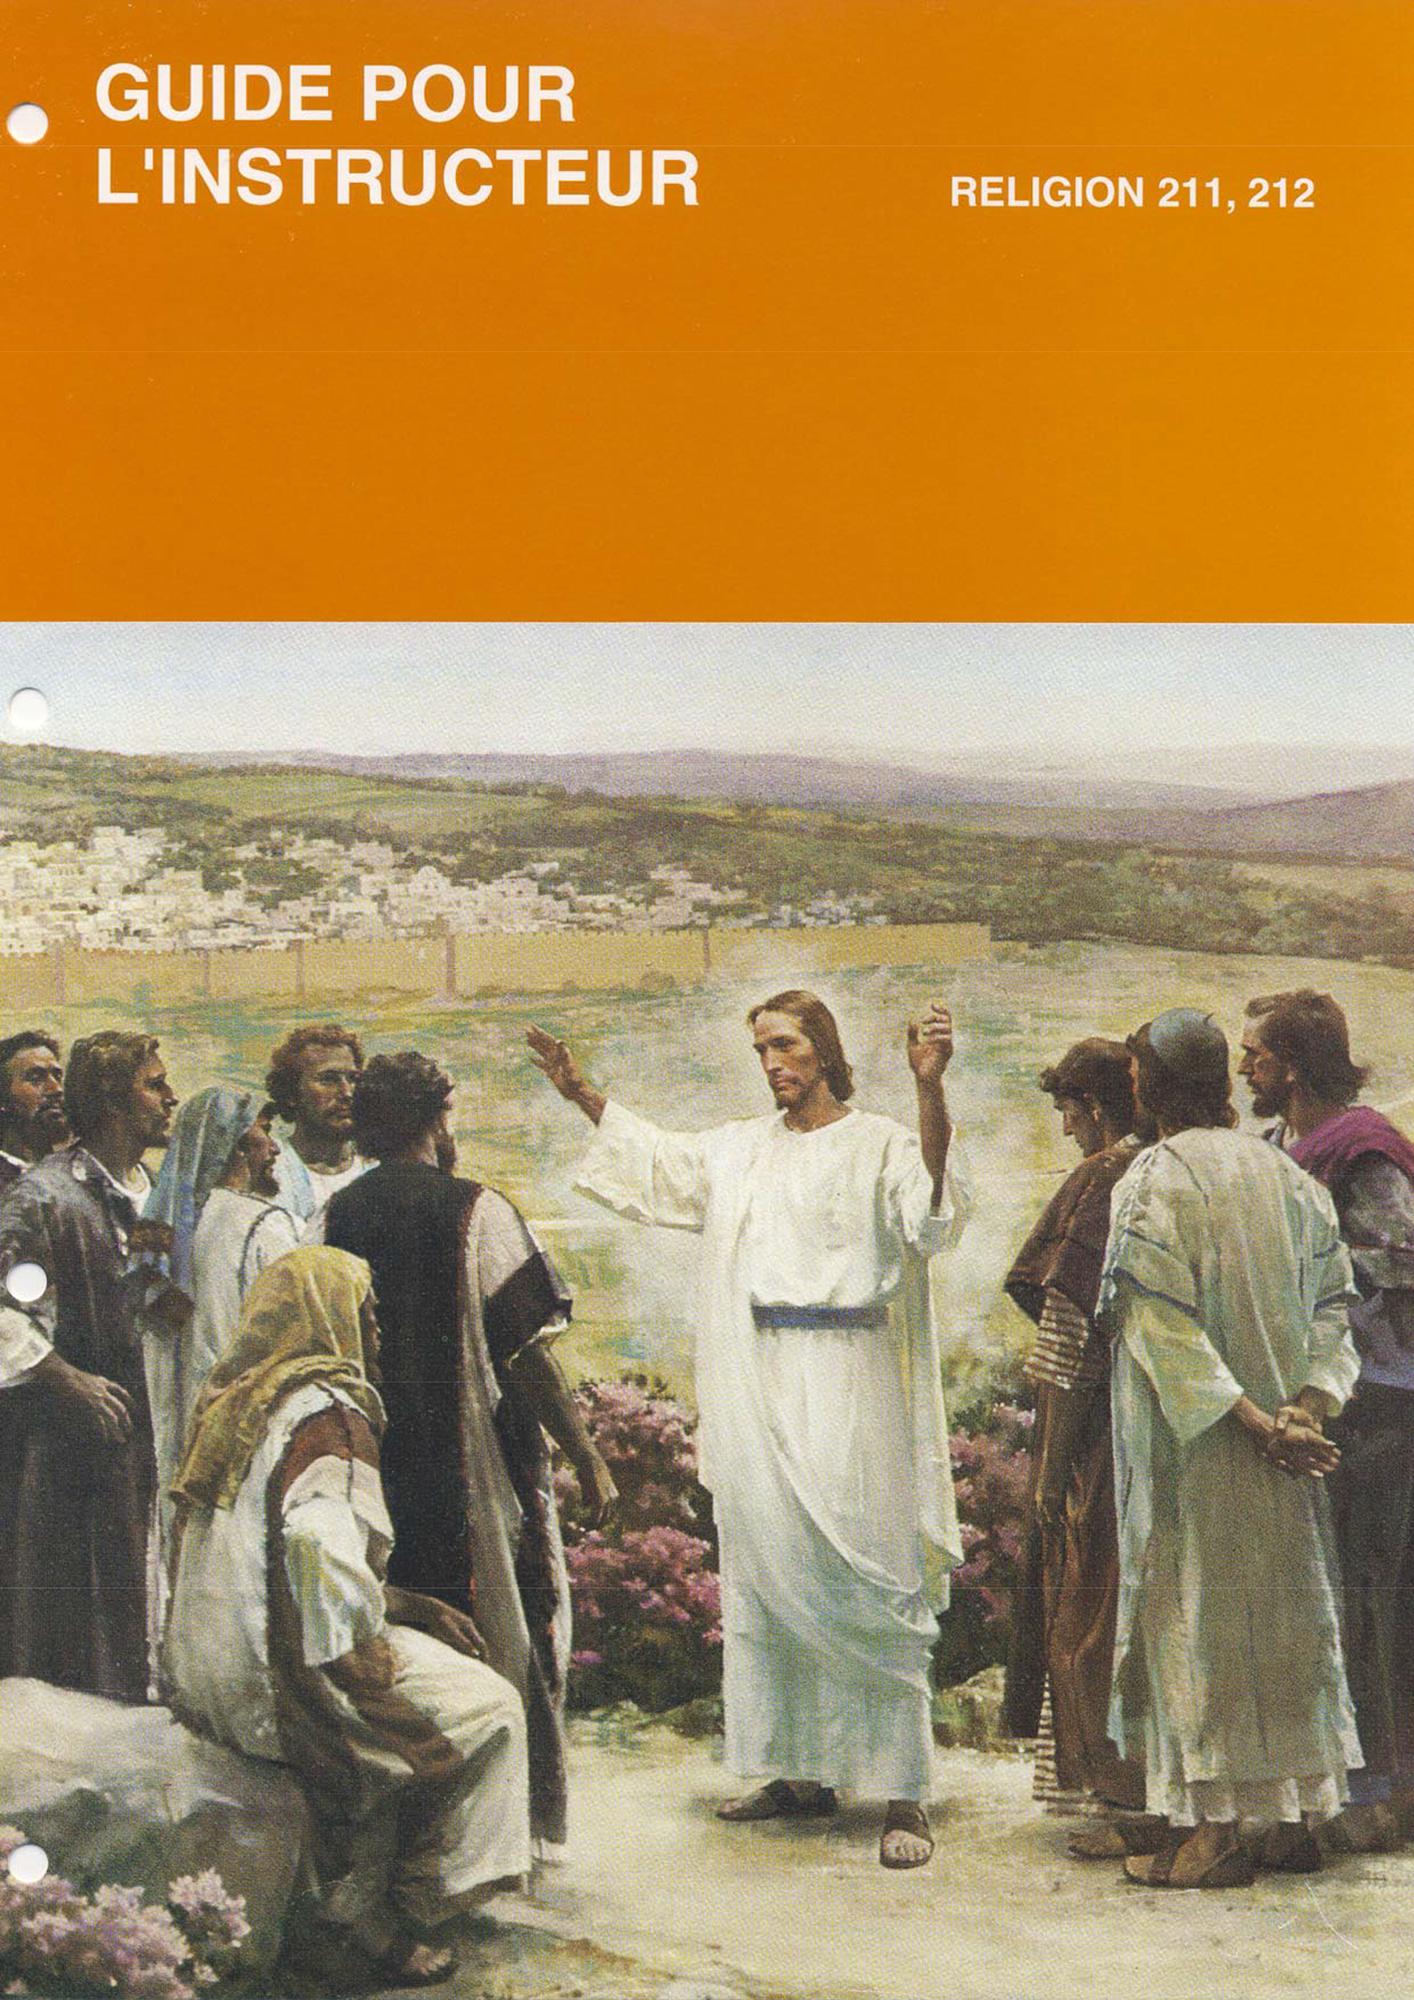 Vie et enseignements de Jésus et de ses apôtres, manuel de l'instructeur